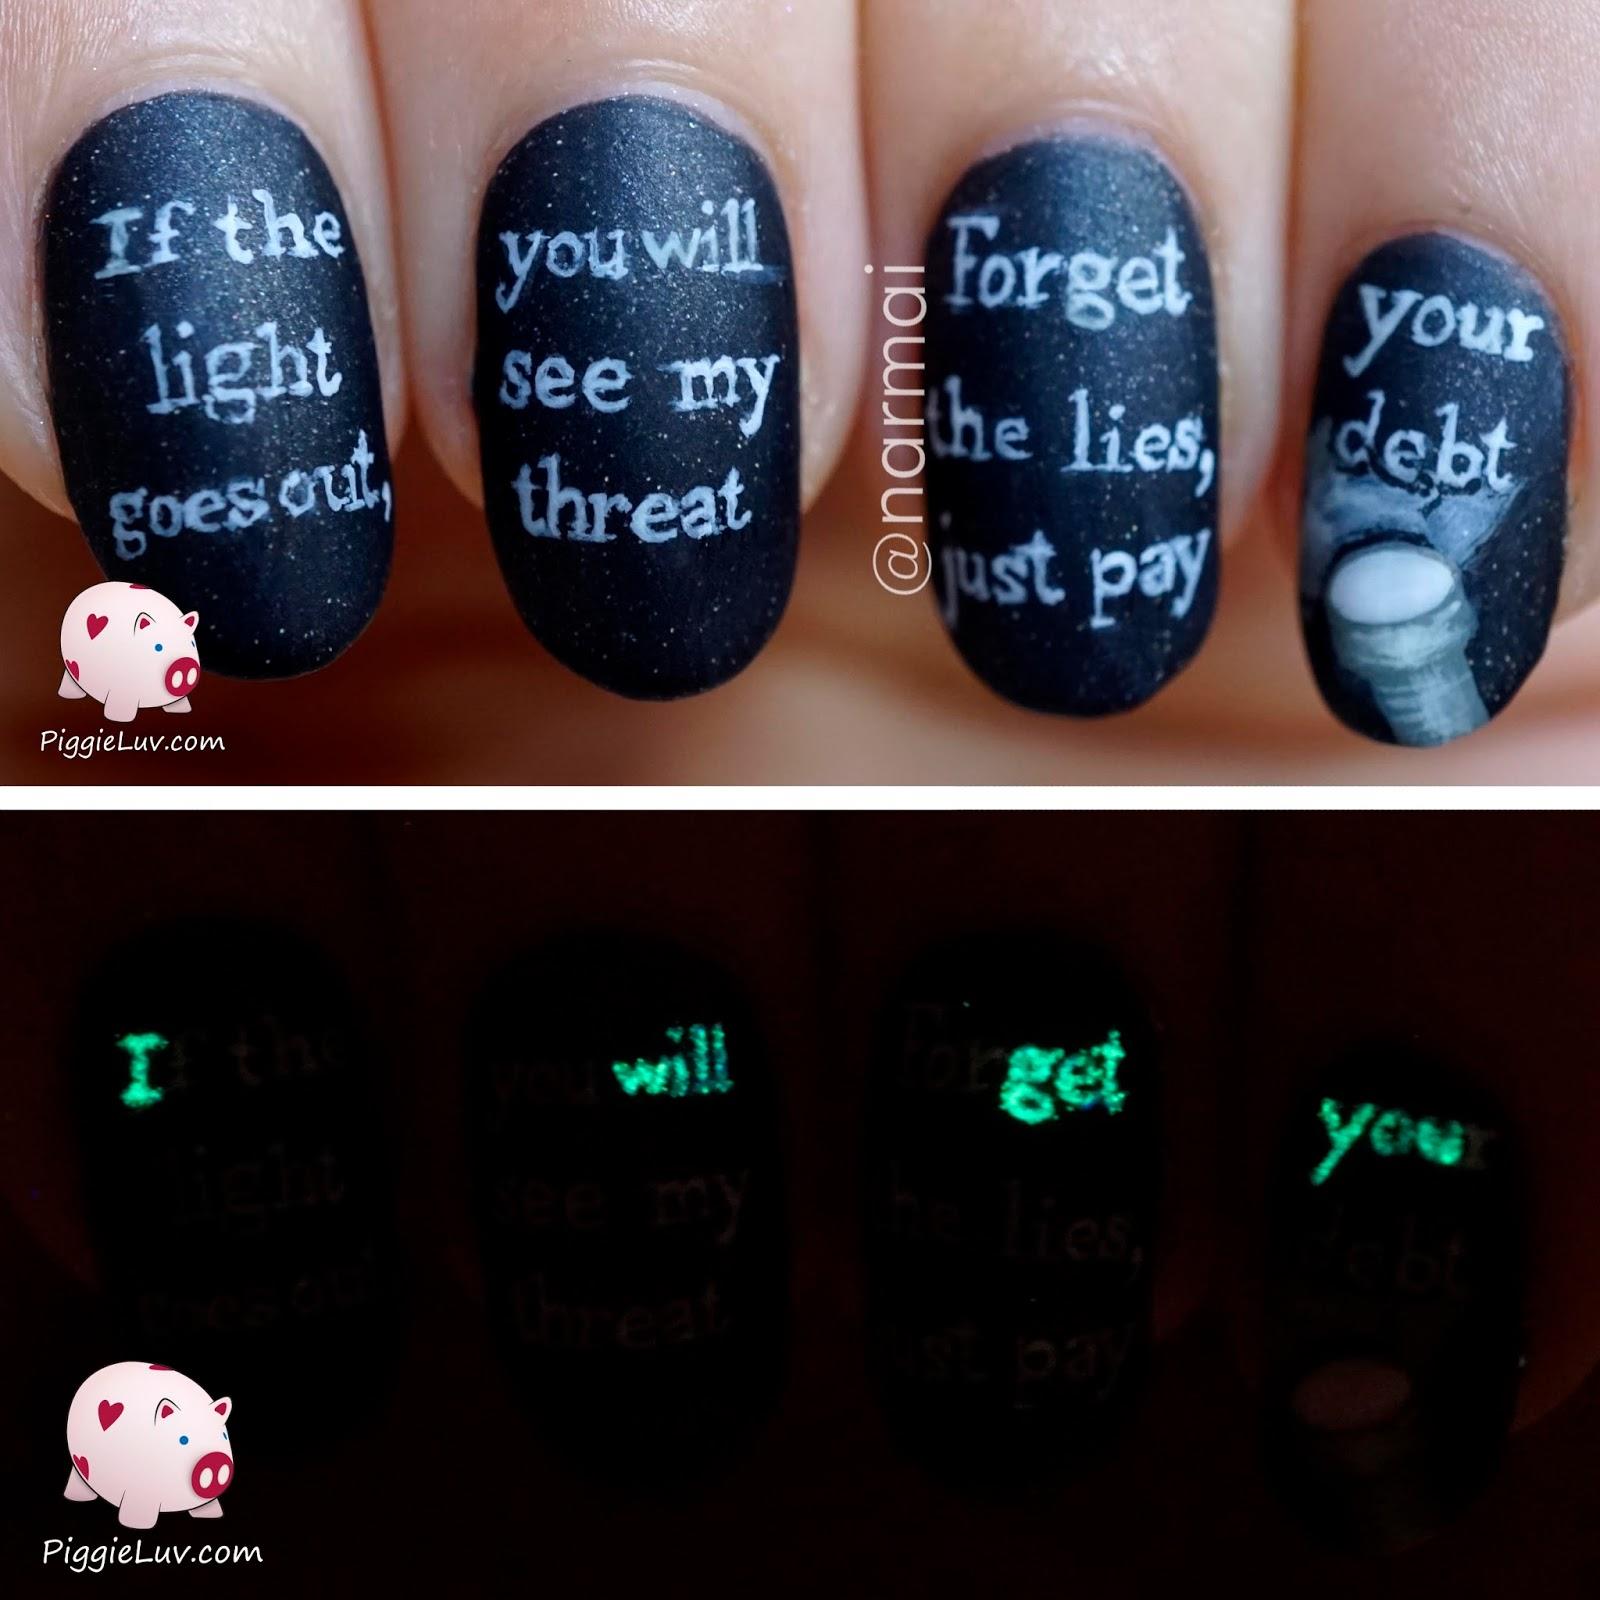 PiggieLuv: Glow in the dark threat message nail art